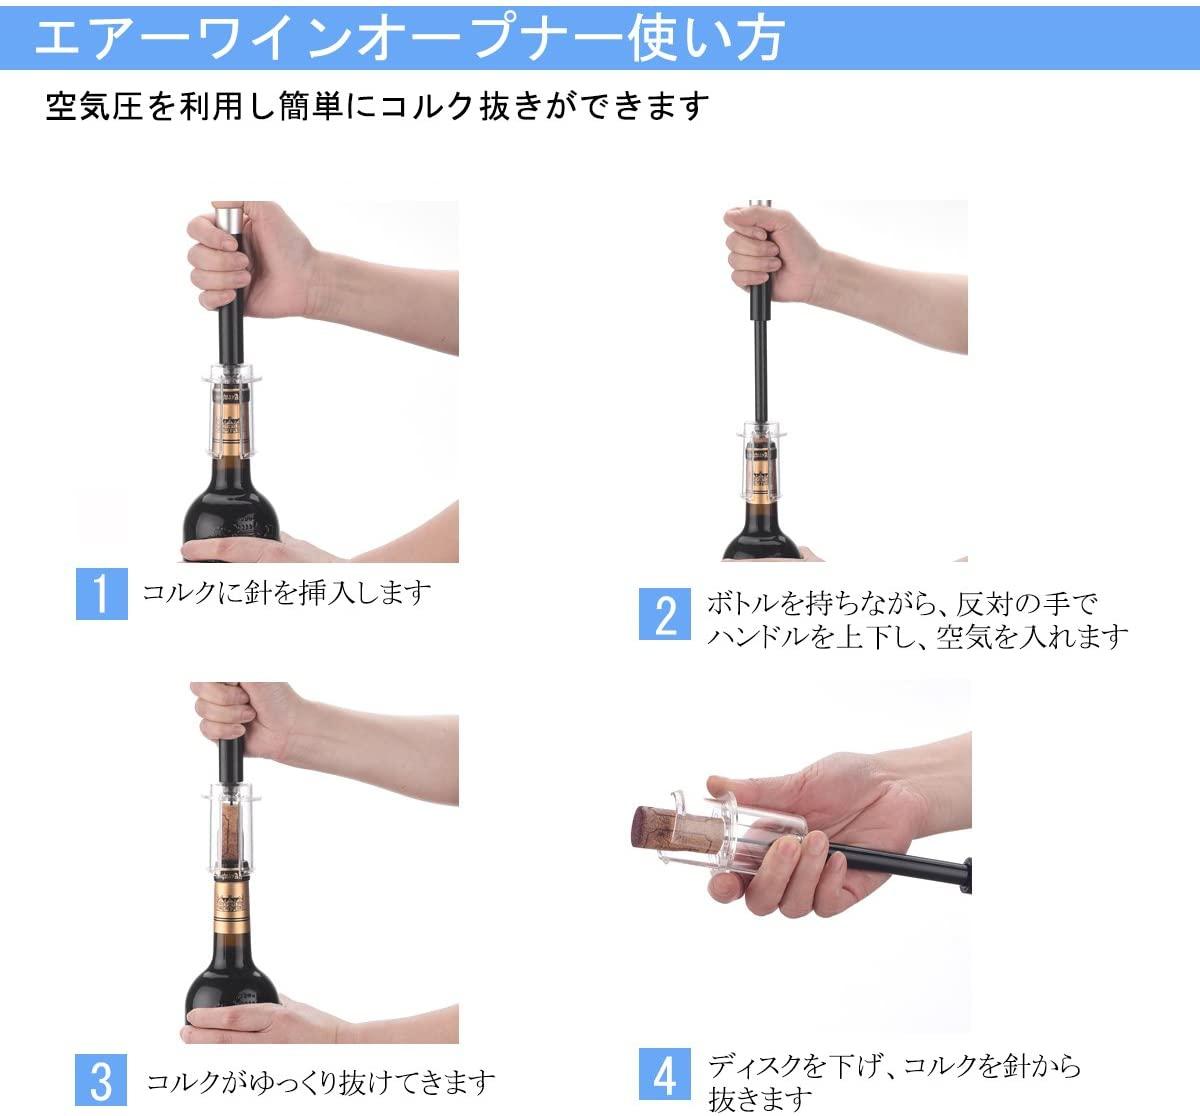 KYUUSI(キューシ) ワインオープナー エアーポンプ式の商品画像3